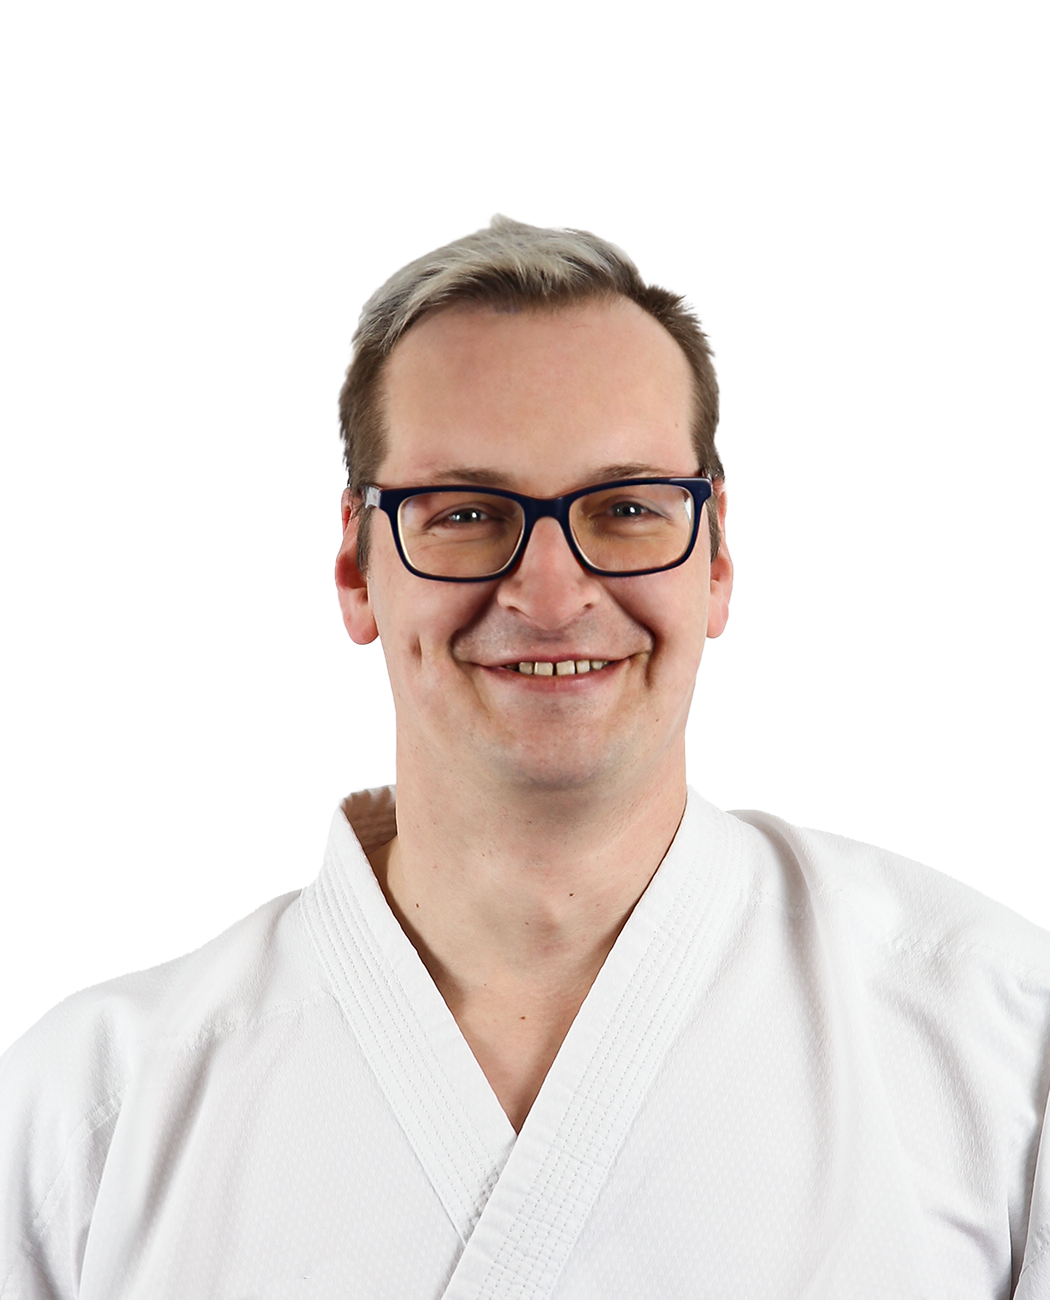 Karate_Trainer_Sven-Meißner_Portrait Kopie